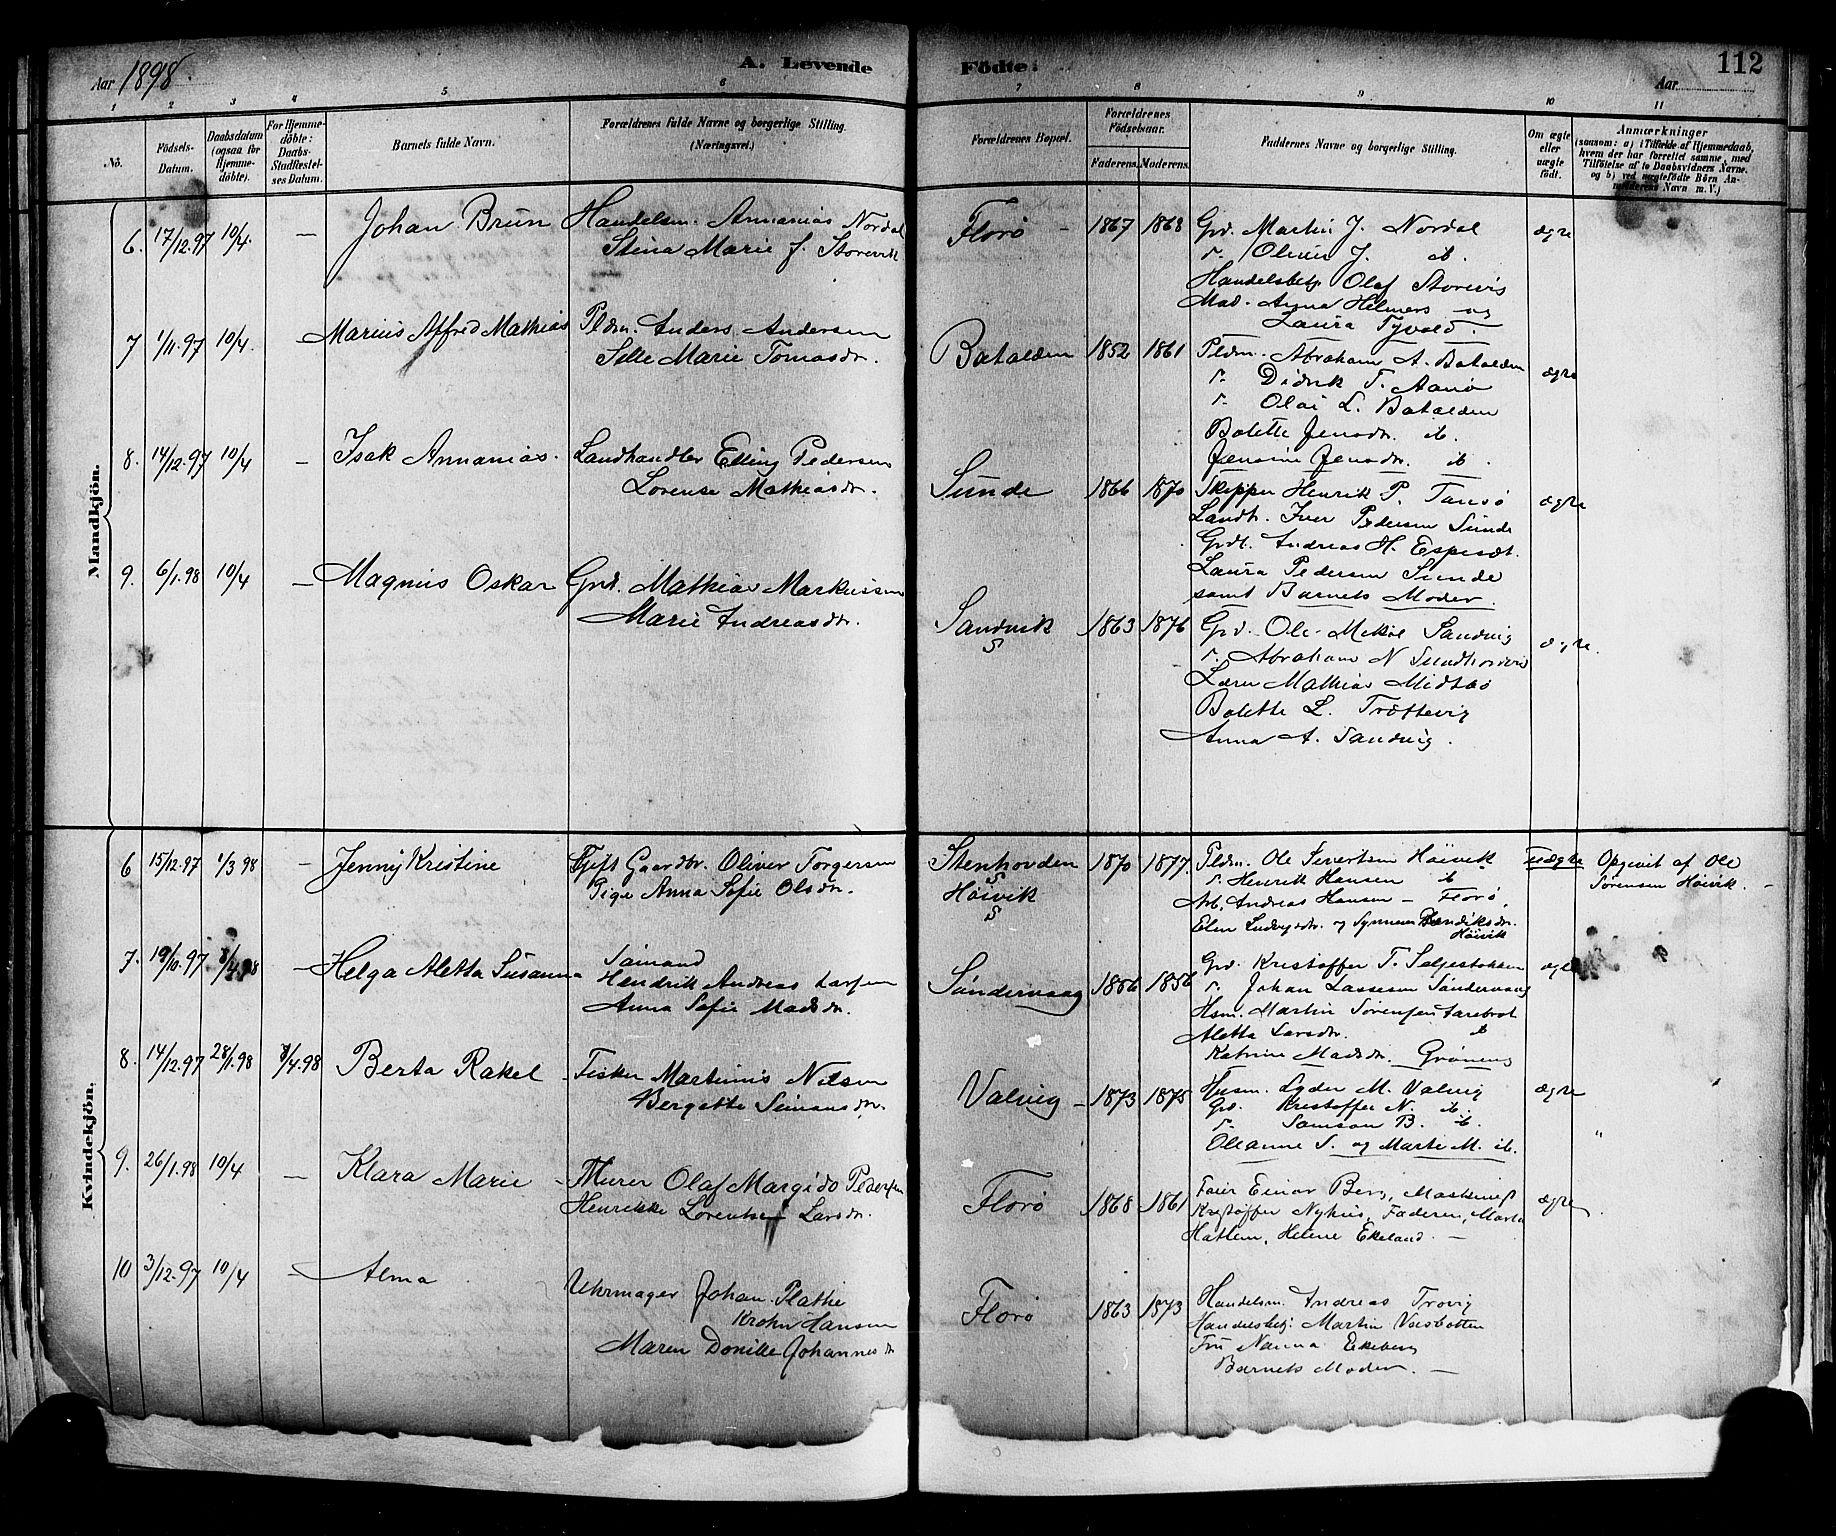 SAB, Kinn Sokneprestembete, Klokkerbok nr. A 2, 1882-1906, s. 112